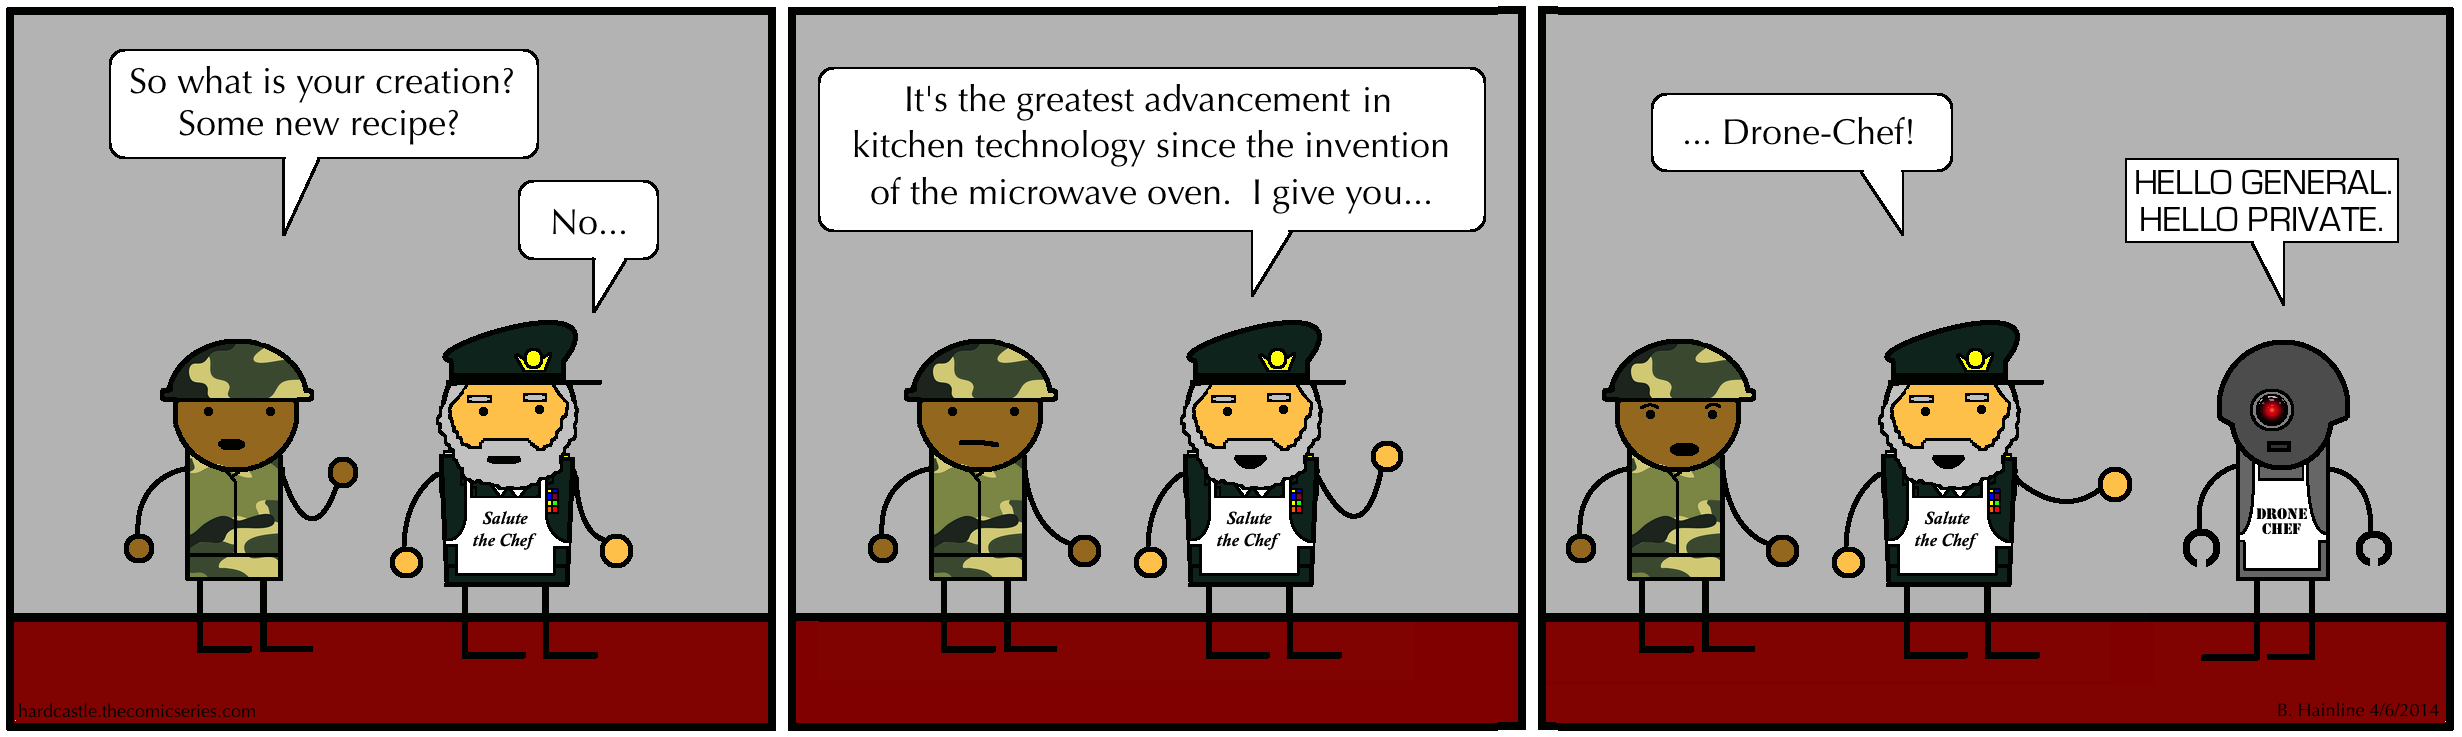 Drone-Chef